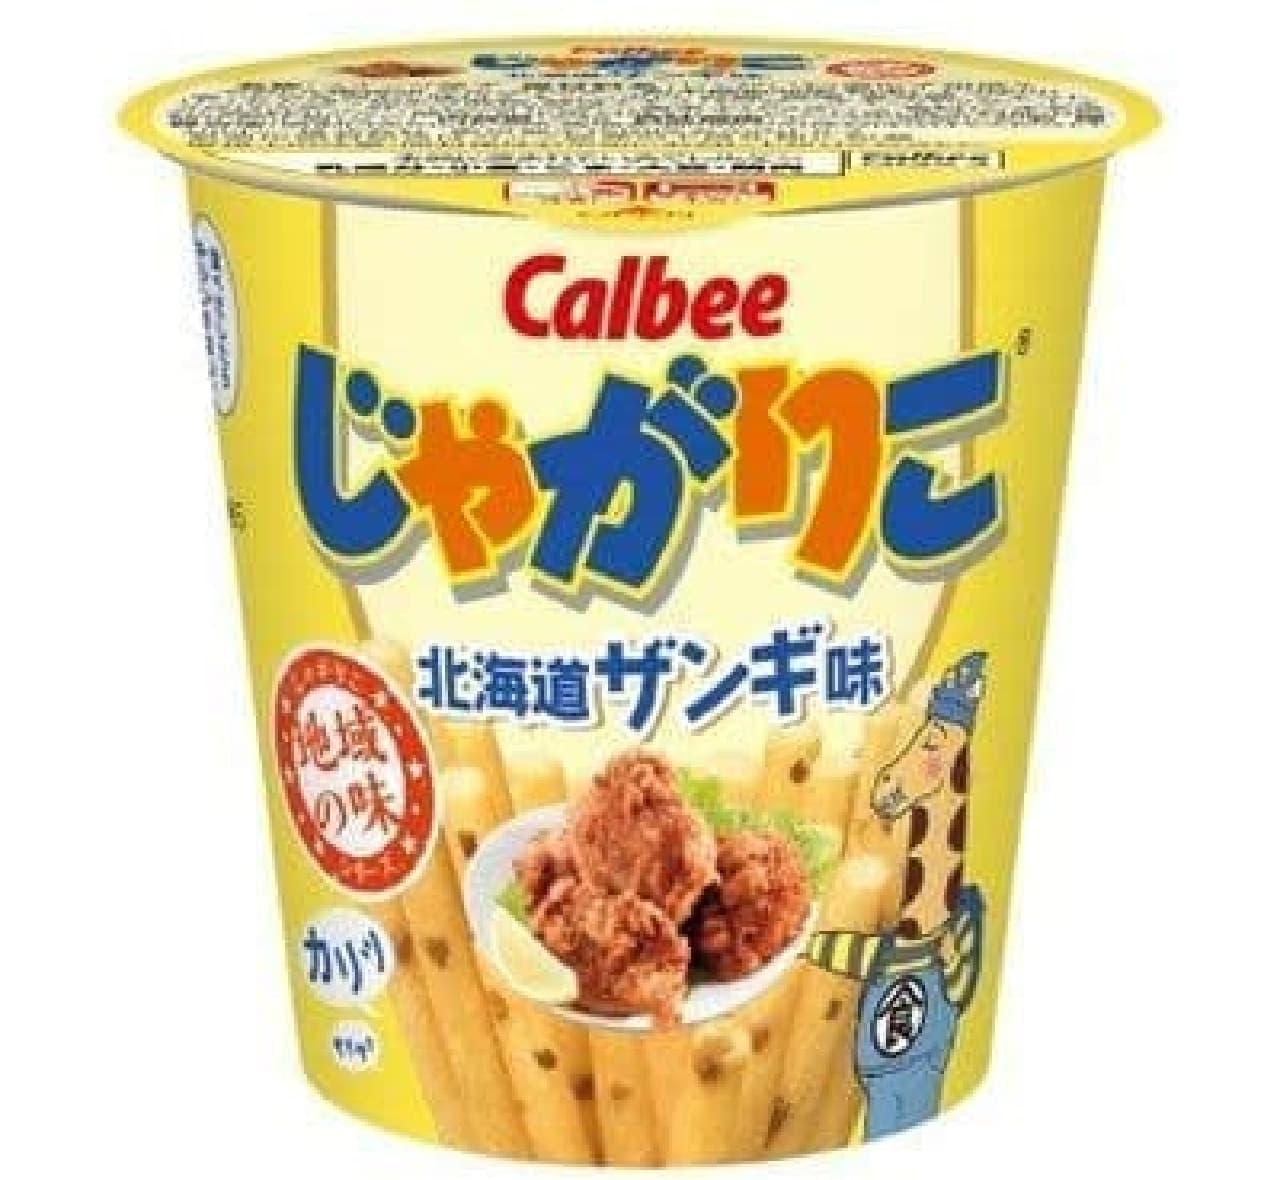 「じゃがりこ北海道ザンギ味」は、鶏肉の旨みに生姜やニンニクを効かせた北海道のザンギの味わいが楽しめるじゃがりこ